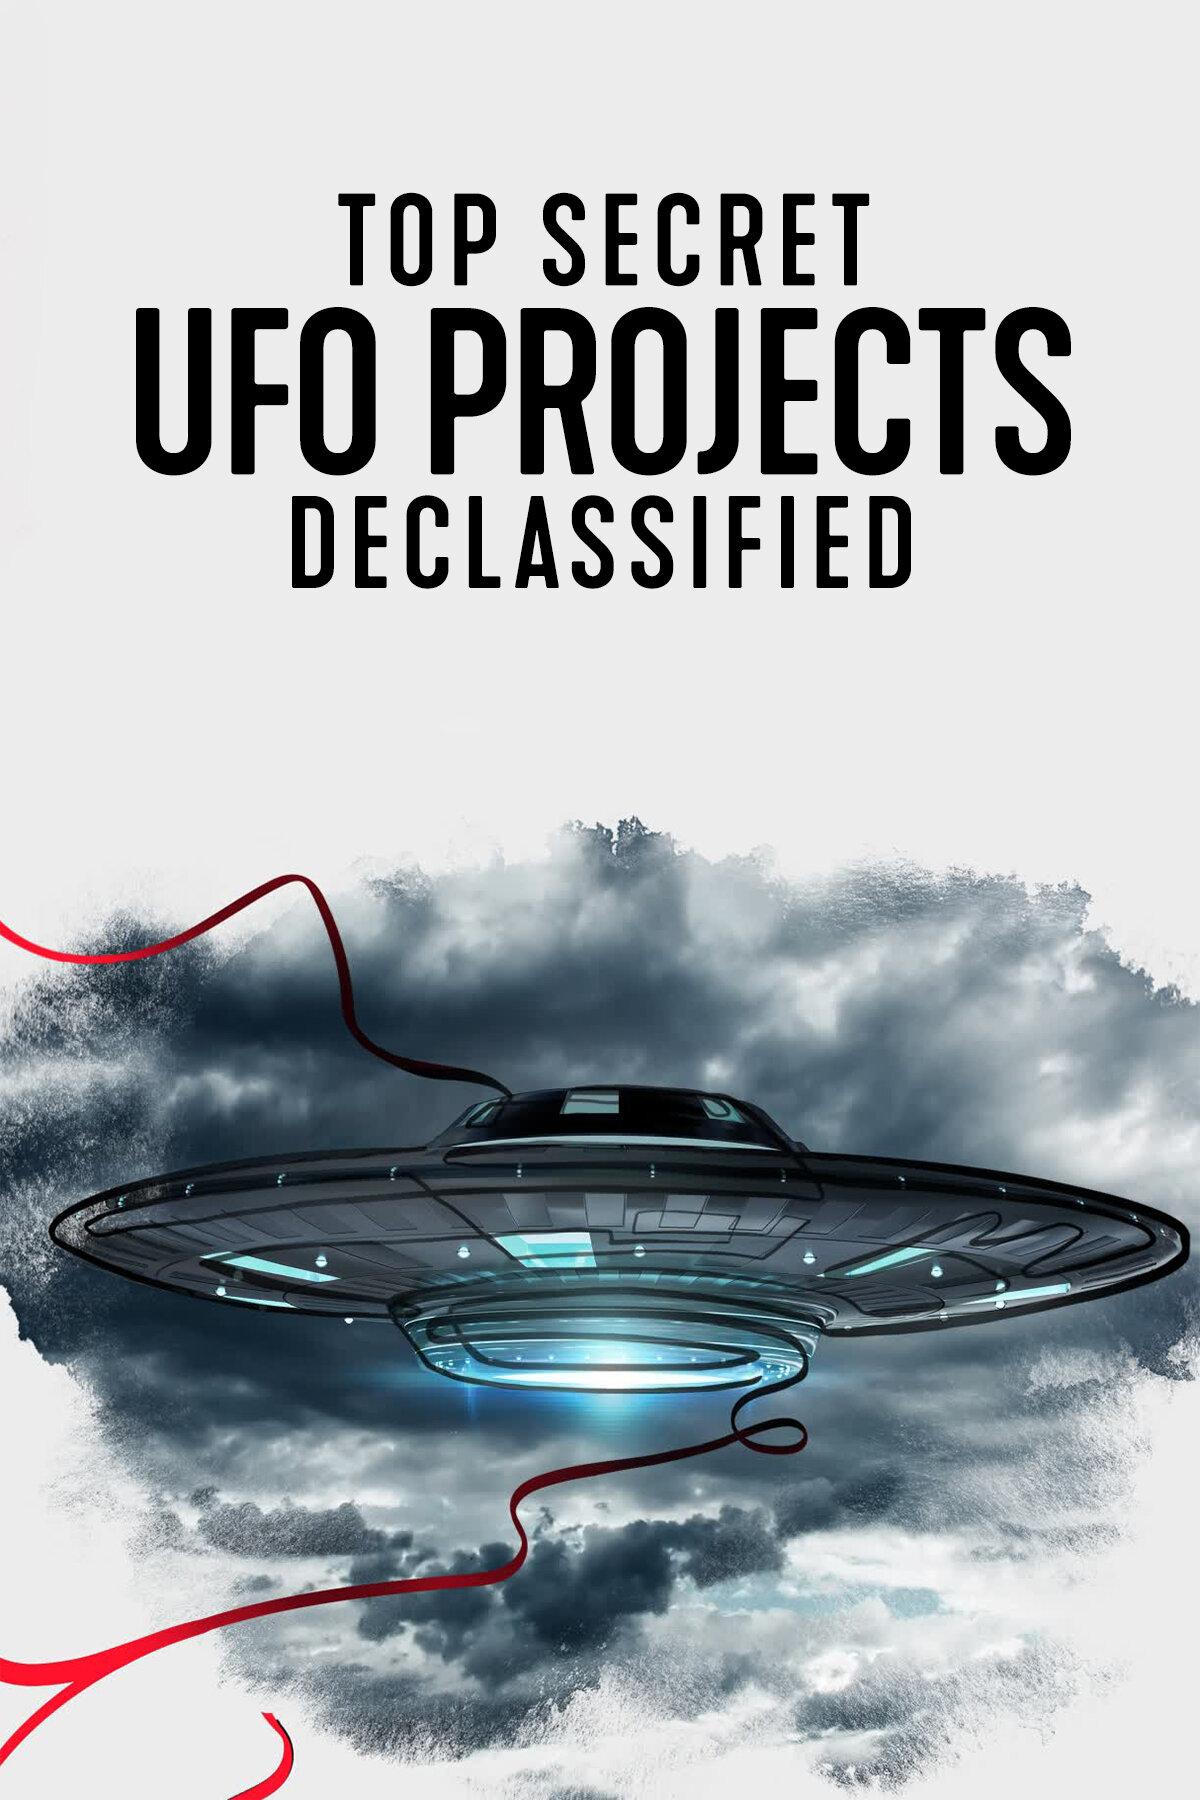 Top Secret UFO Projects: Declassified (S01)